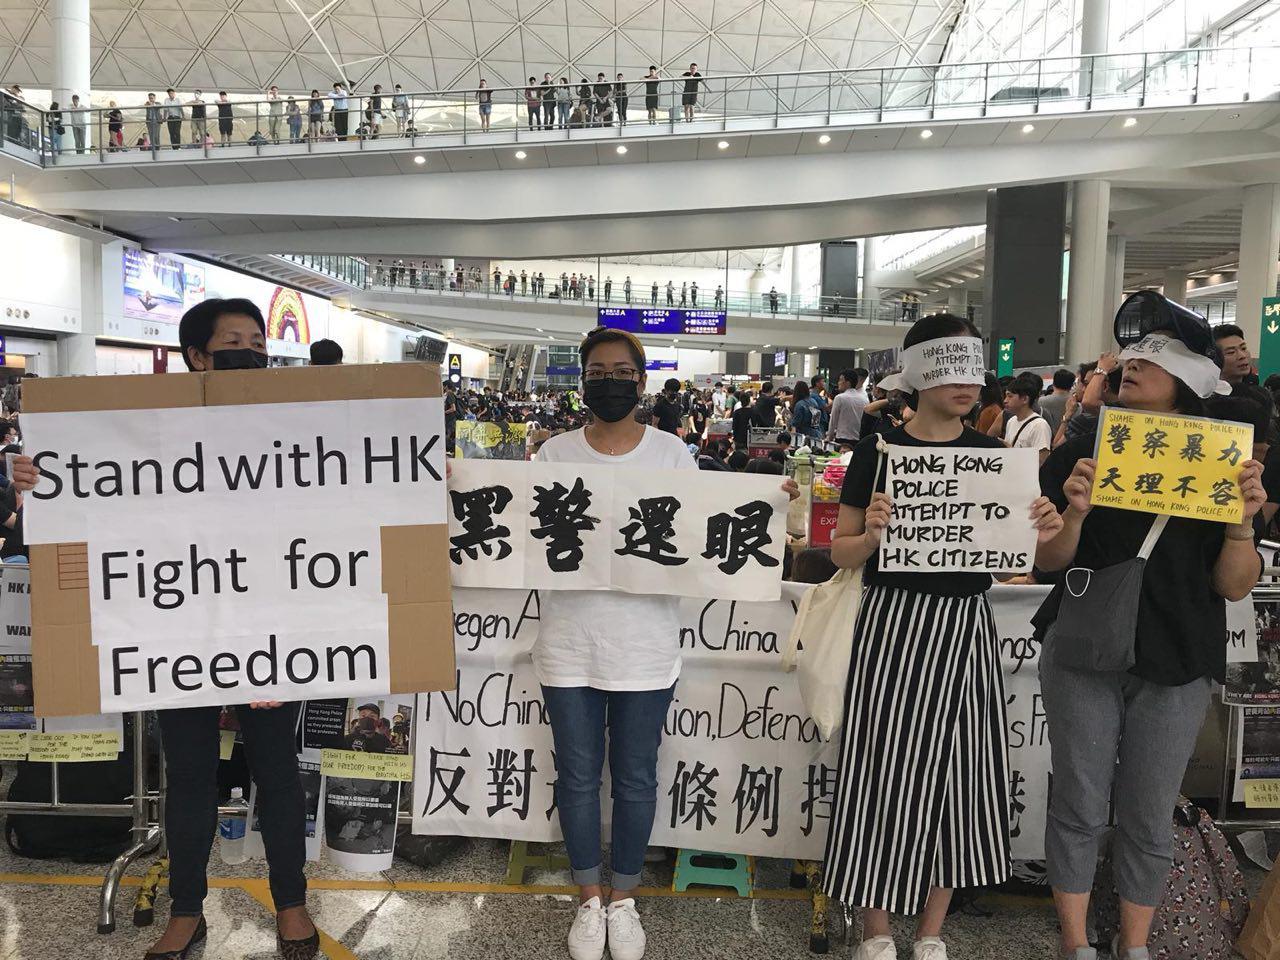 【8.12反送中組圖】港民怒吼「警察還眼」 黑潮塞爆機場